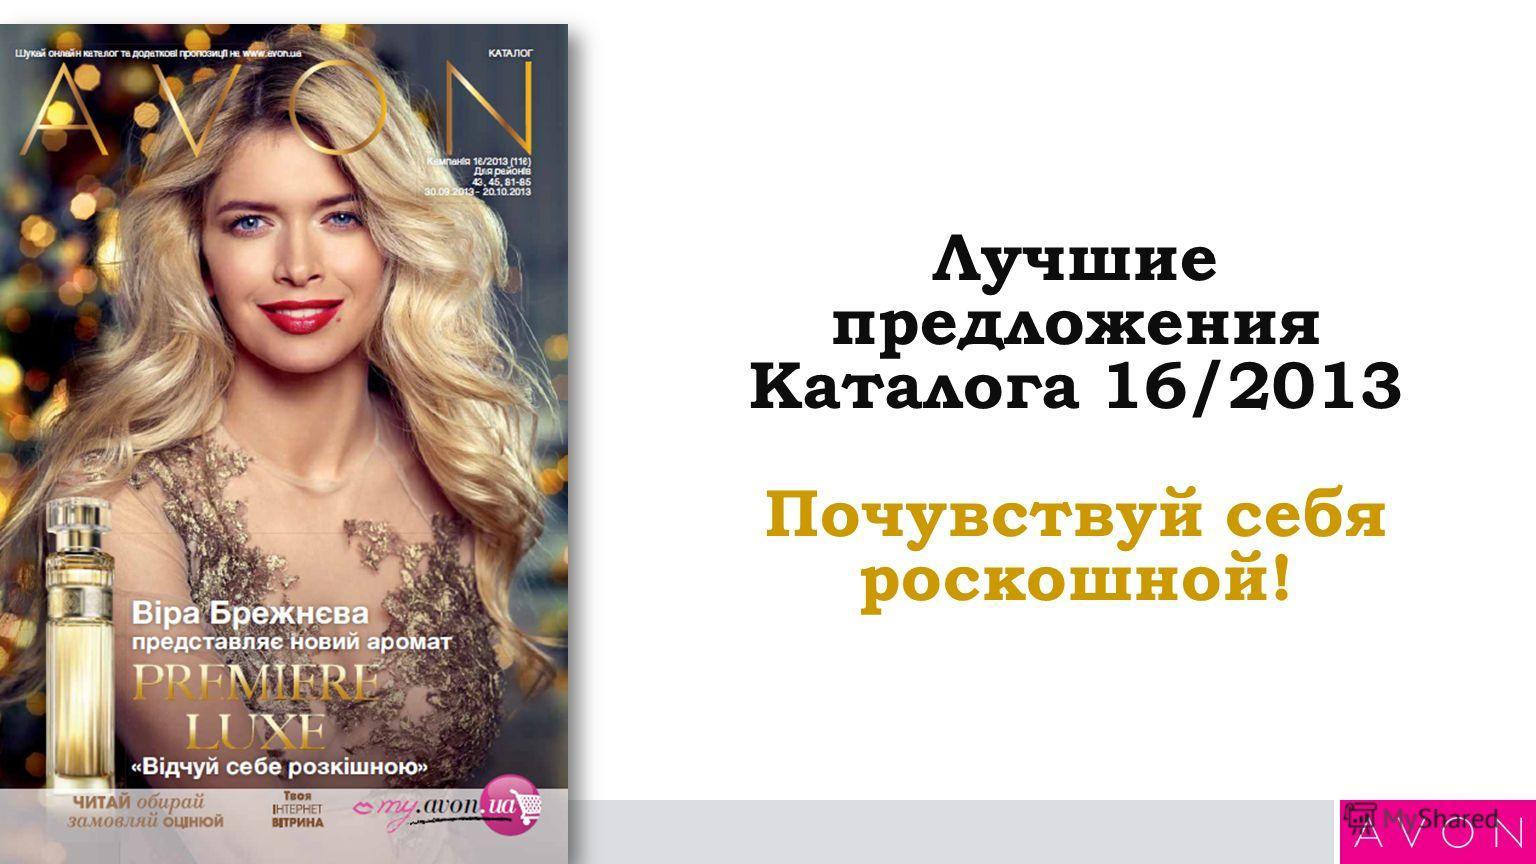 Лучшие предложения Каталога 16/2013 Почувствуй себя роскошной!